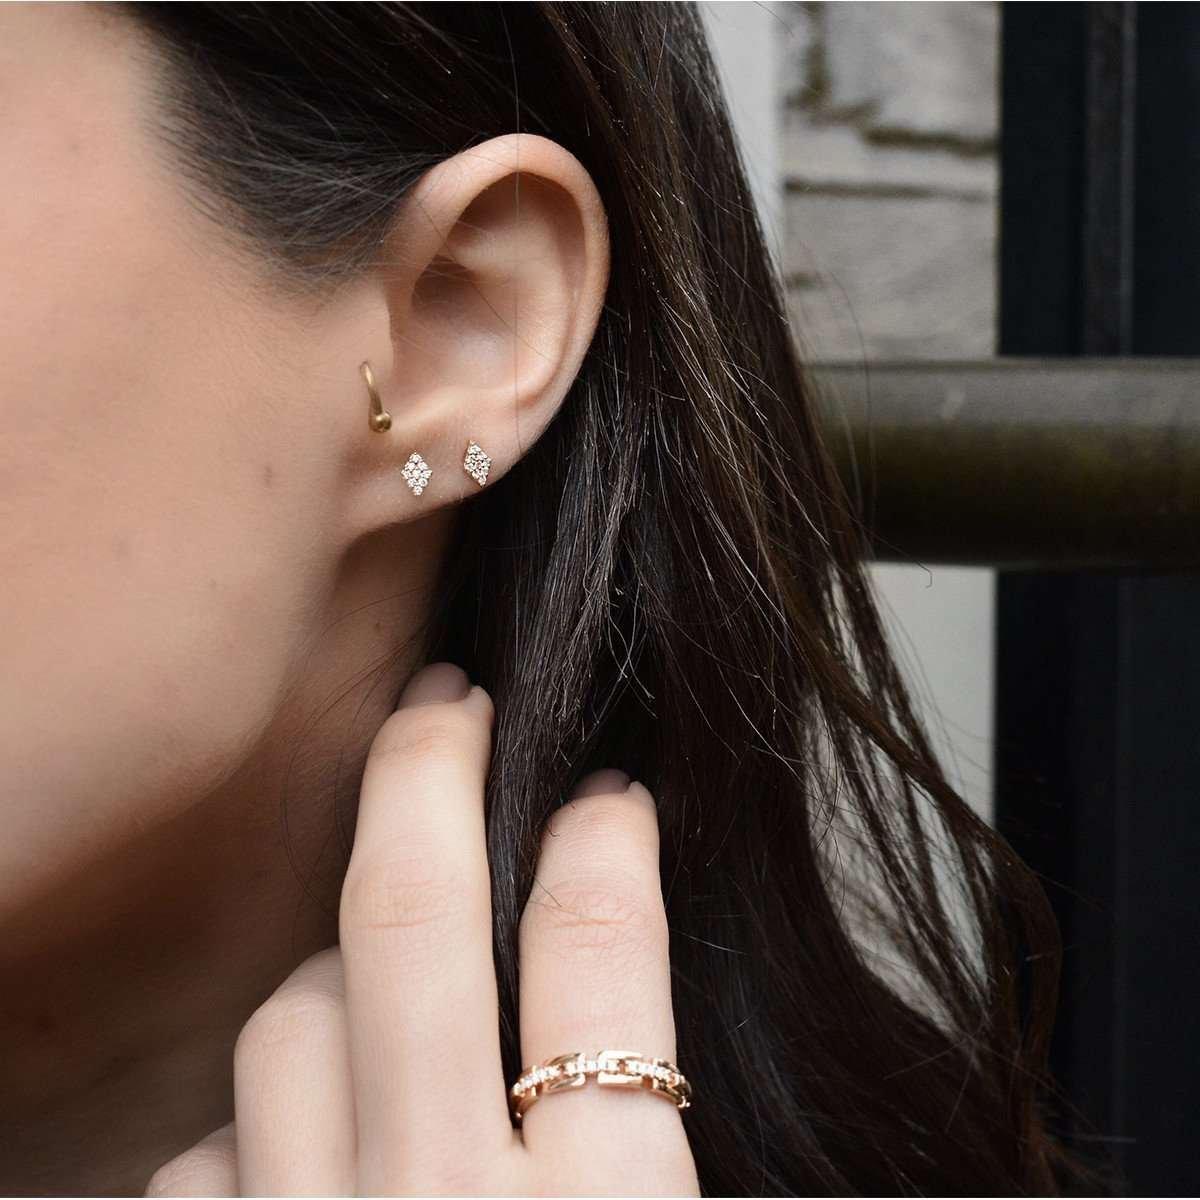 14kt Rose Gold & Diamond Duke Stud Earring - Jezebel London